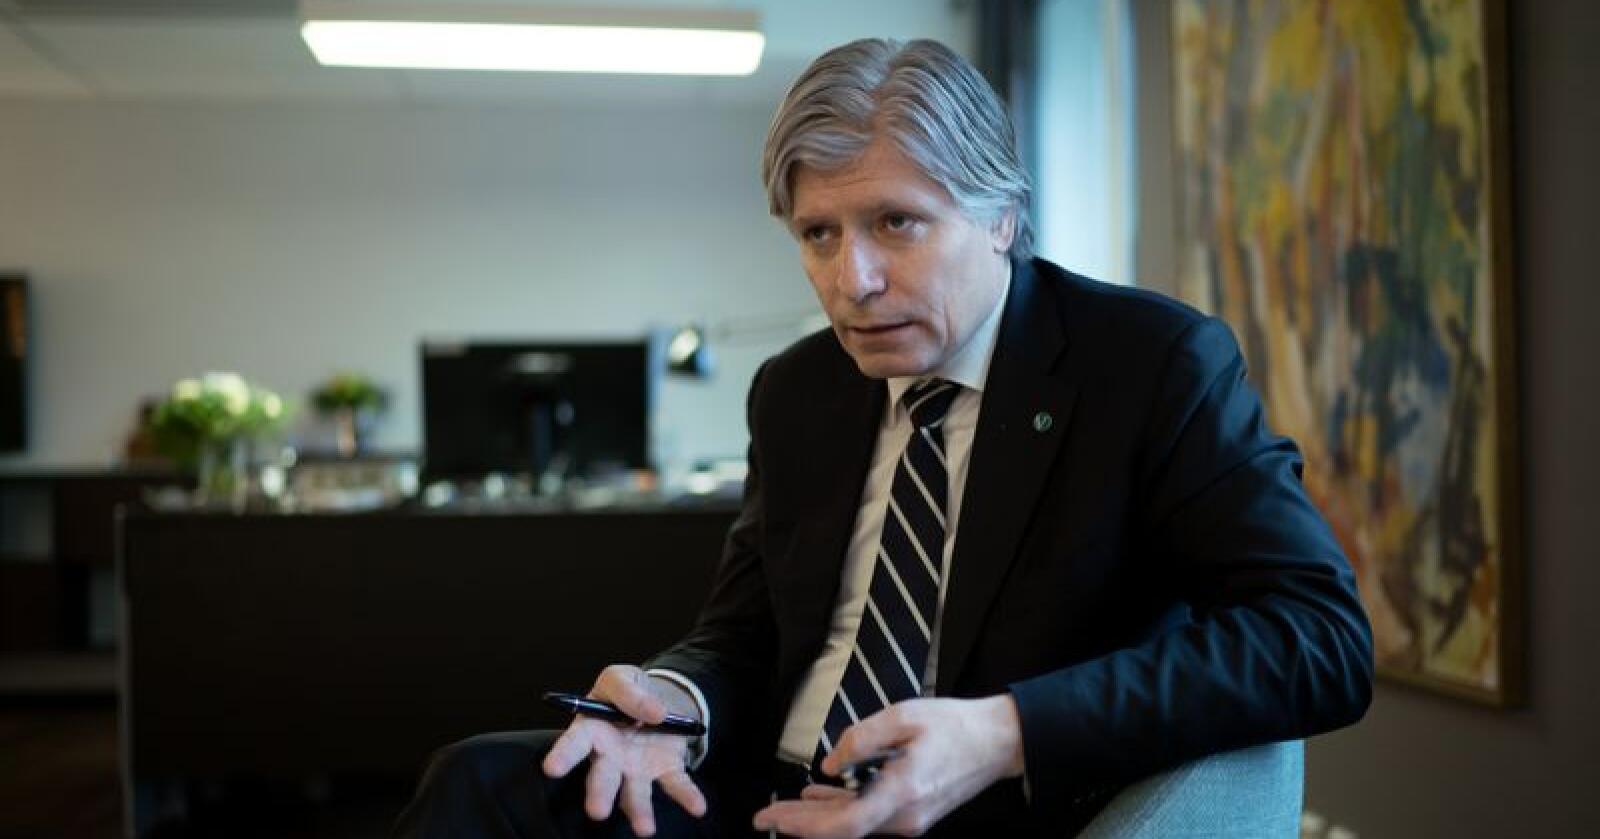 Klima- og miljøminister Ola Elvestuen (V) sier at Norge holder tilbake rundt 300 millioner kroner som skulle gått til tiltak mot avskoging av regnskogen. Foto: Ketil Blom Haugstulen